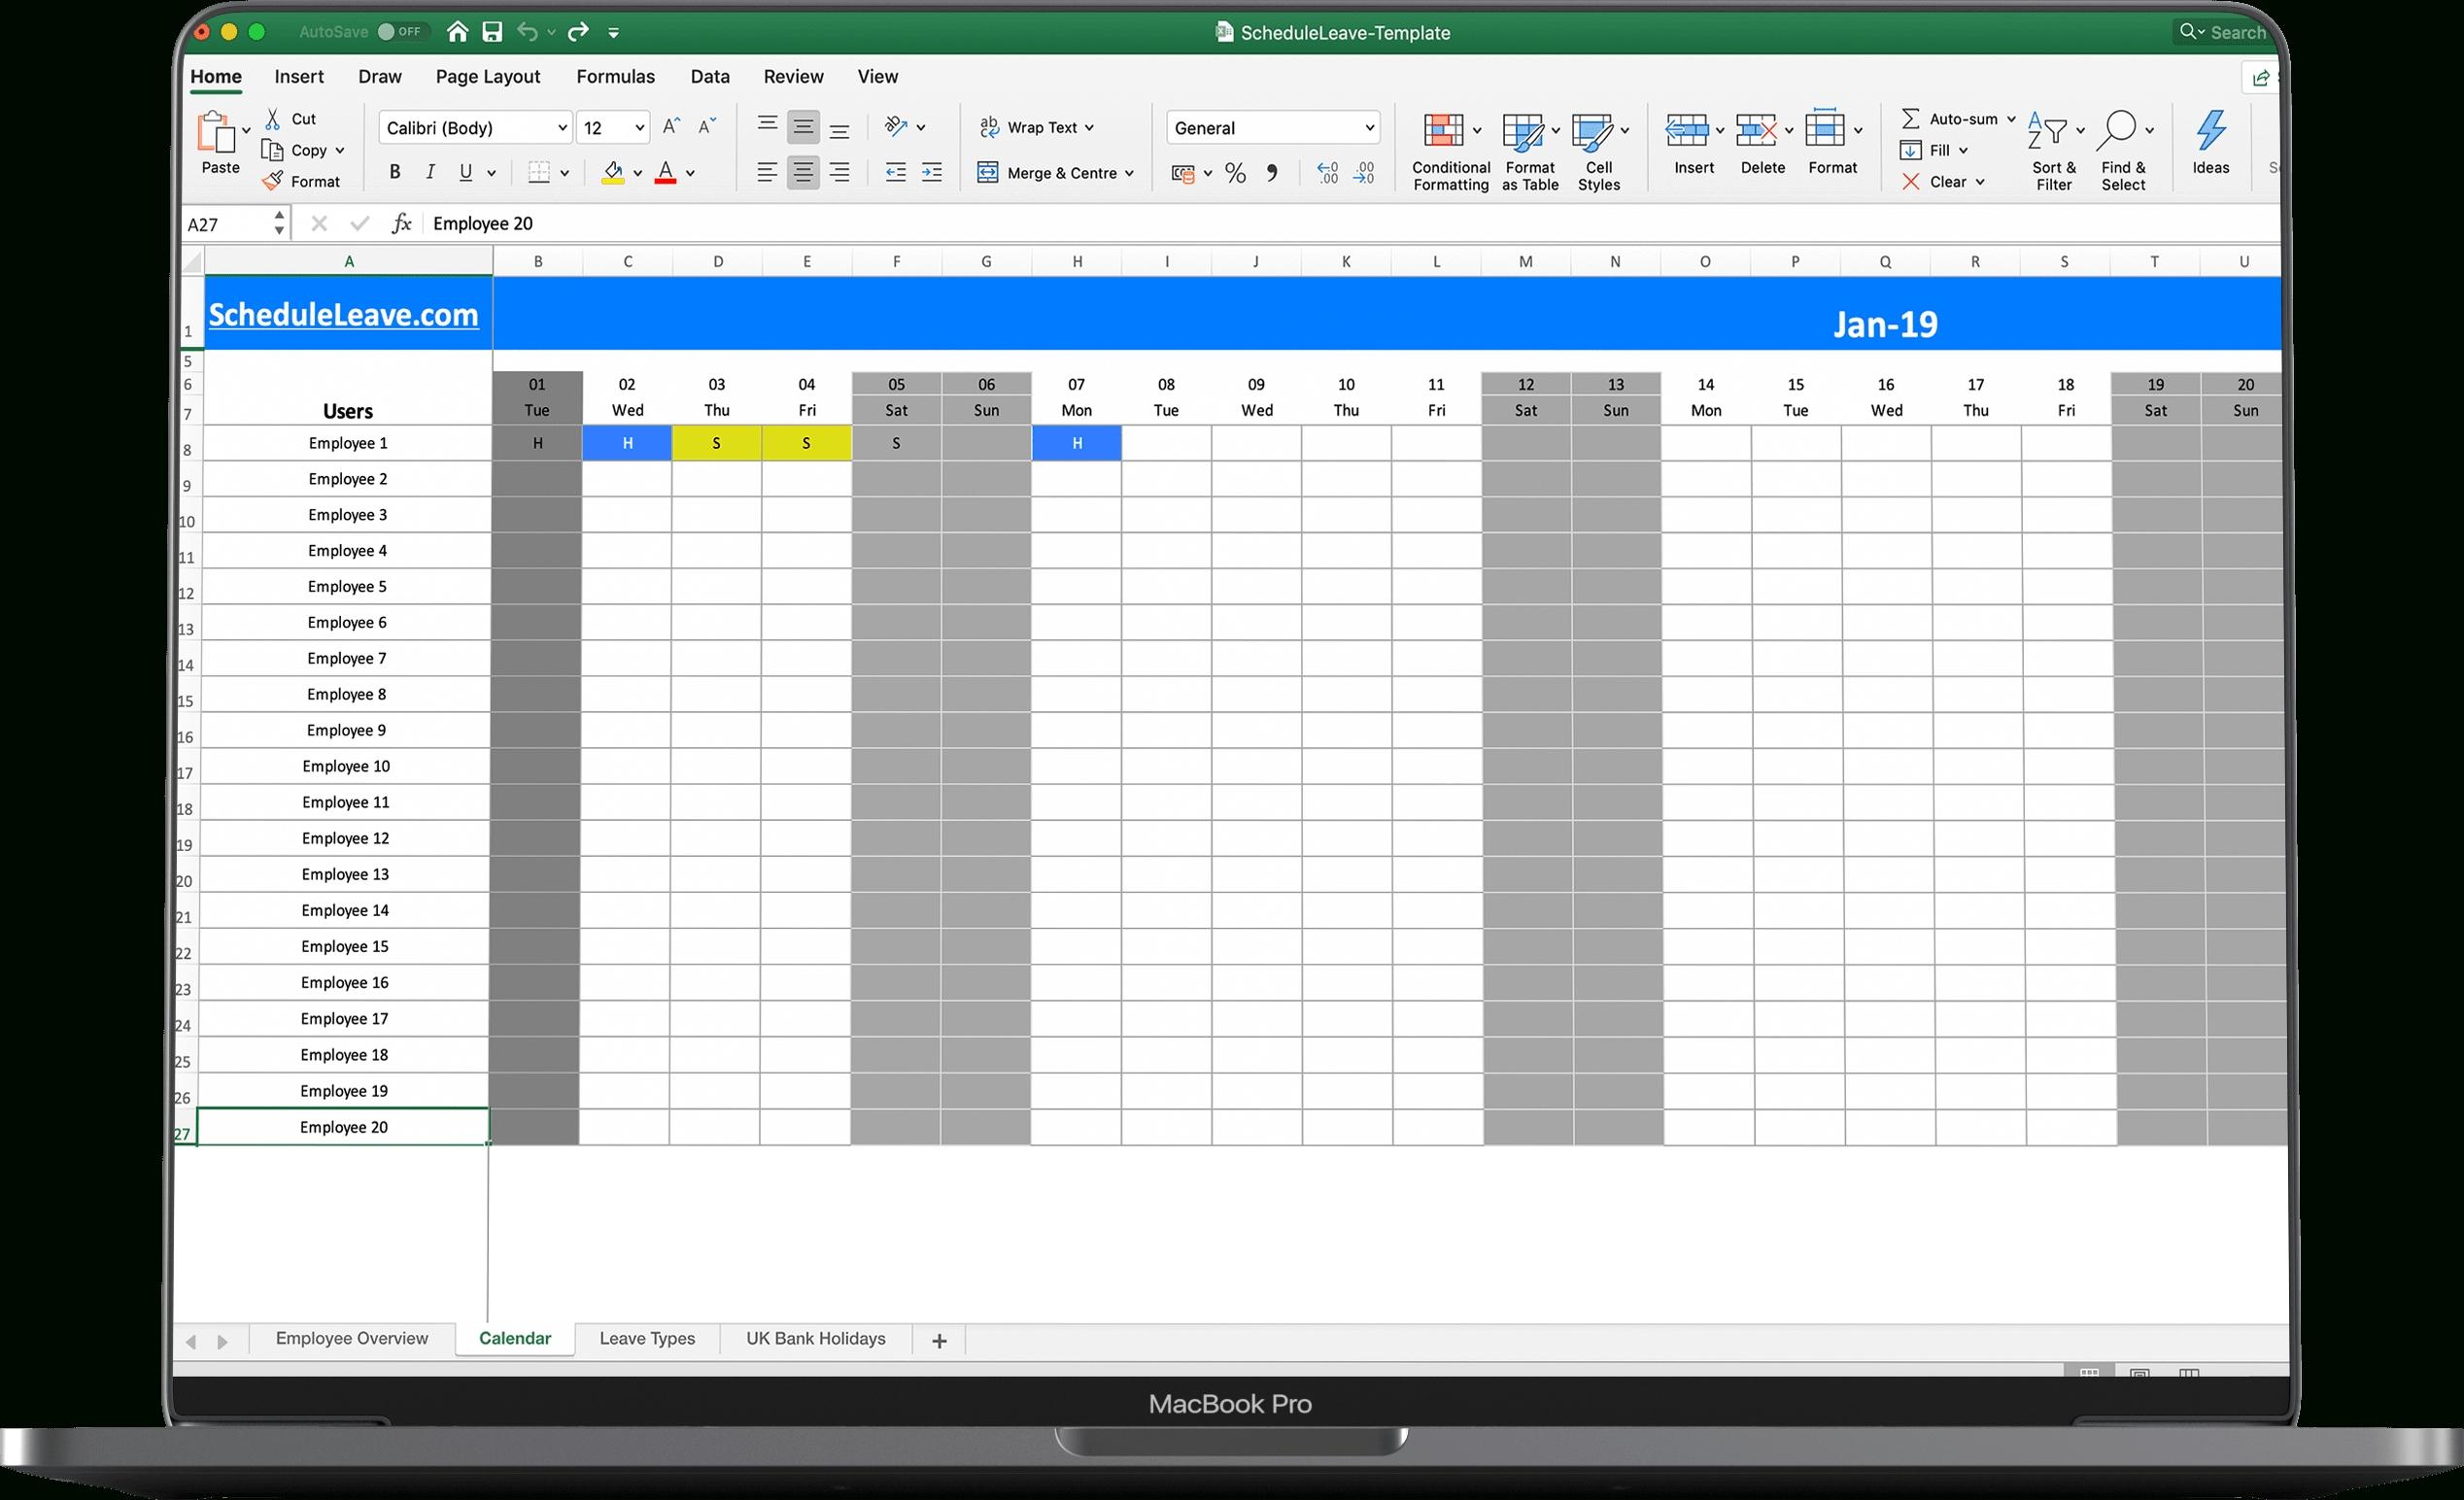 Employee Vacation Tracker Templates 2021   Calendar in 2021 Pto Calendar Template Excel